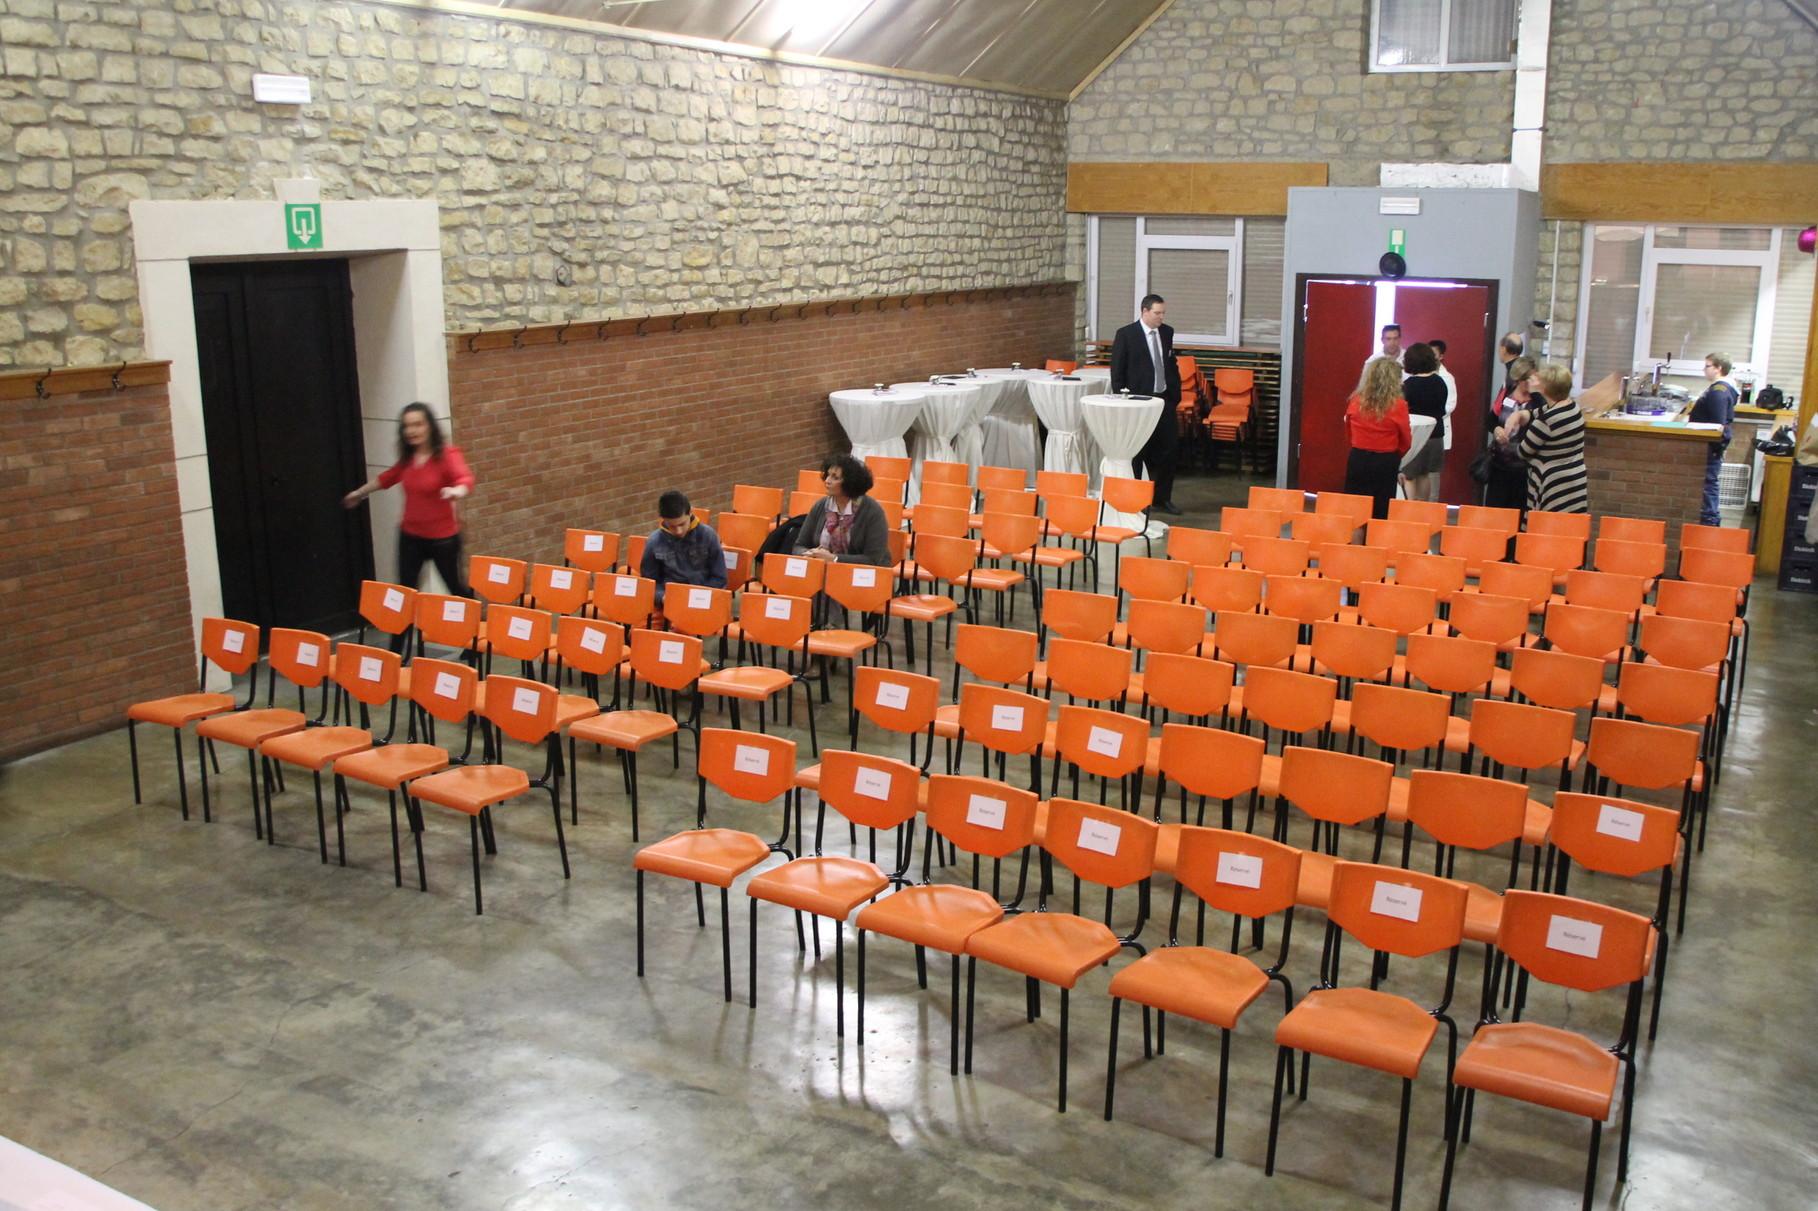 La salle est prête pour accueillir les 90 invités aux lancement de notre campagne